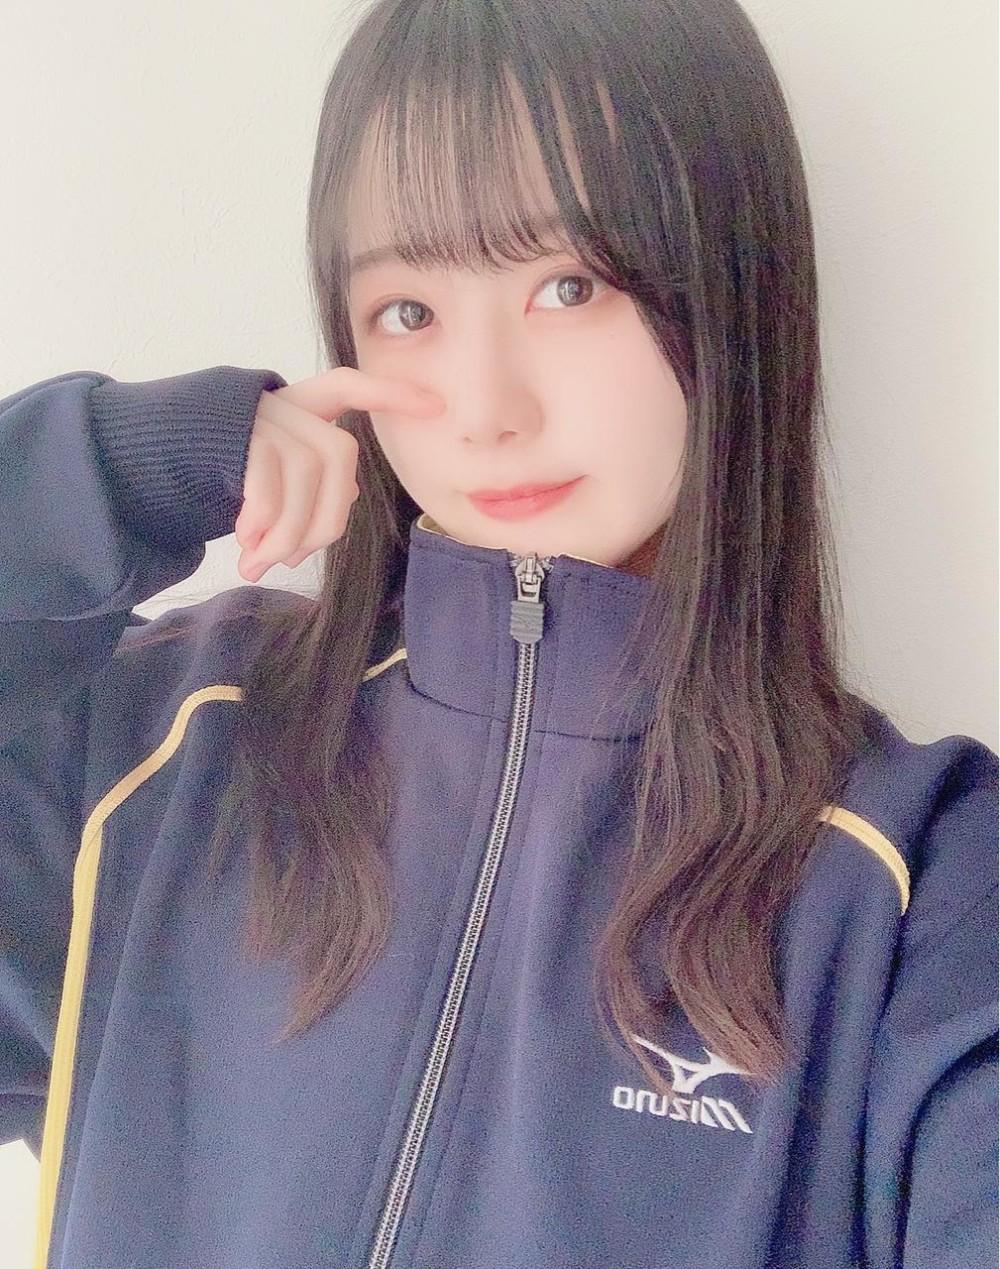 吉川愛実( )